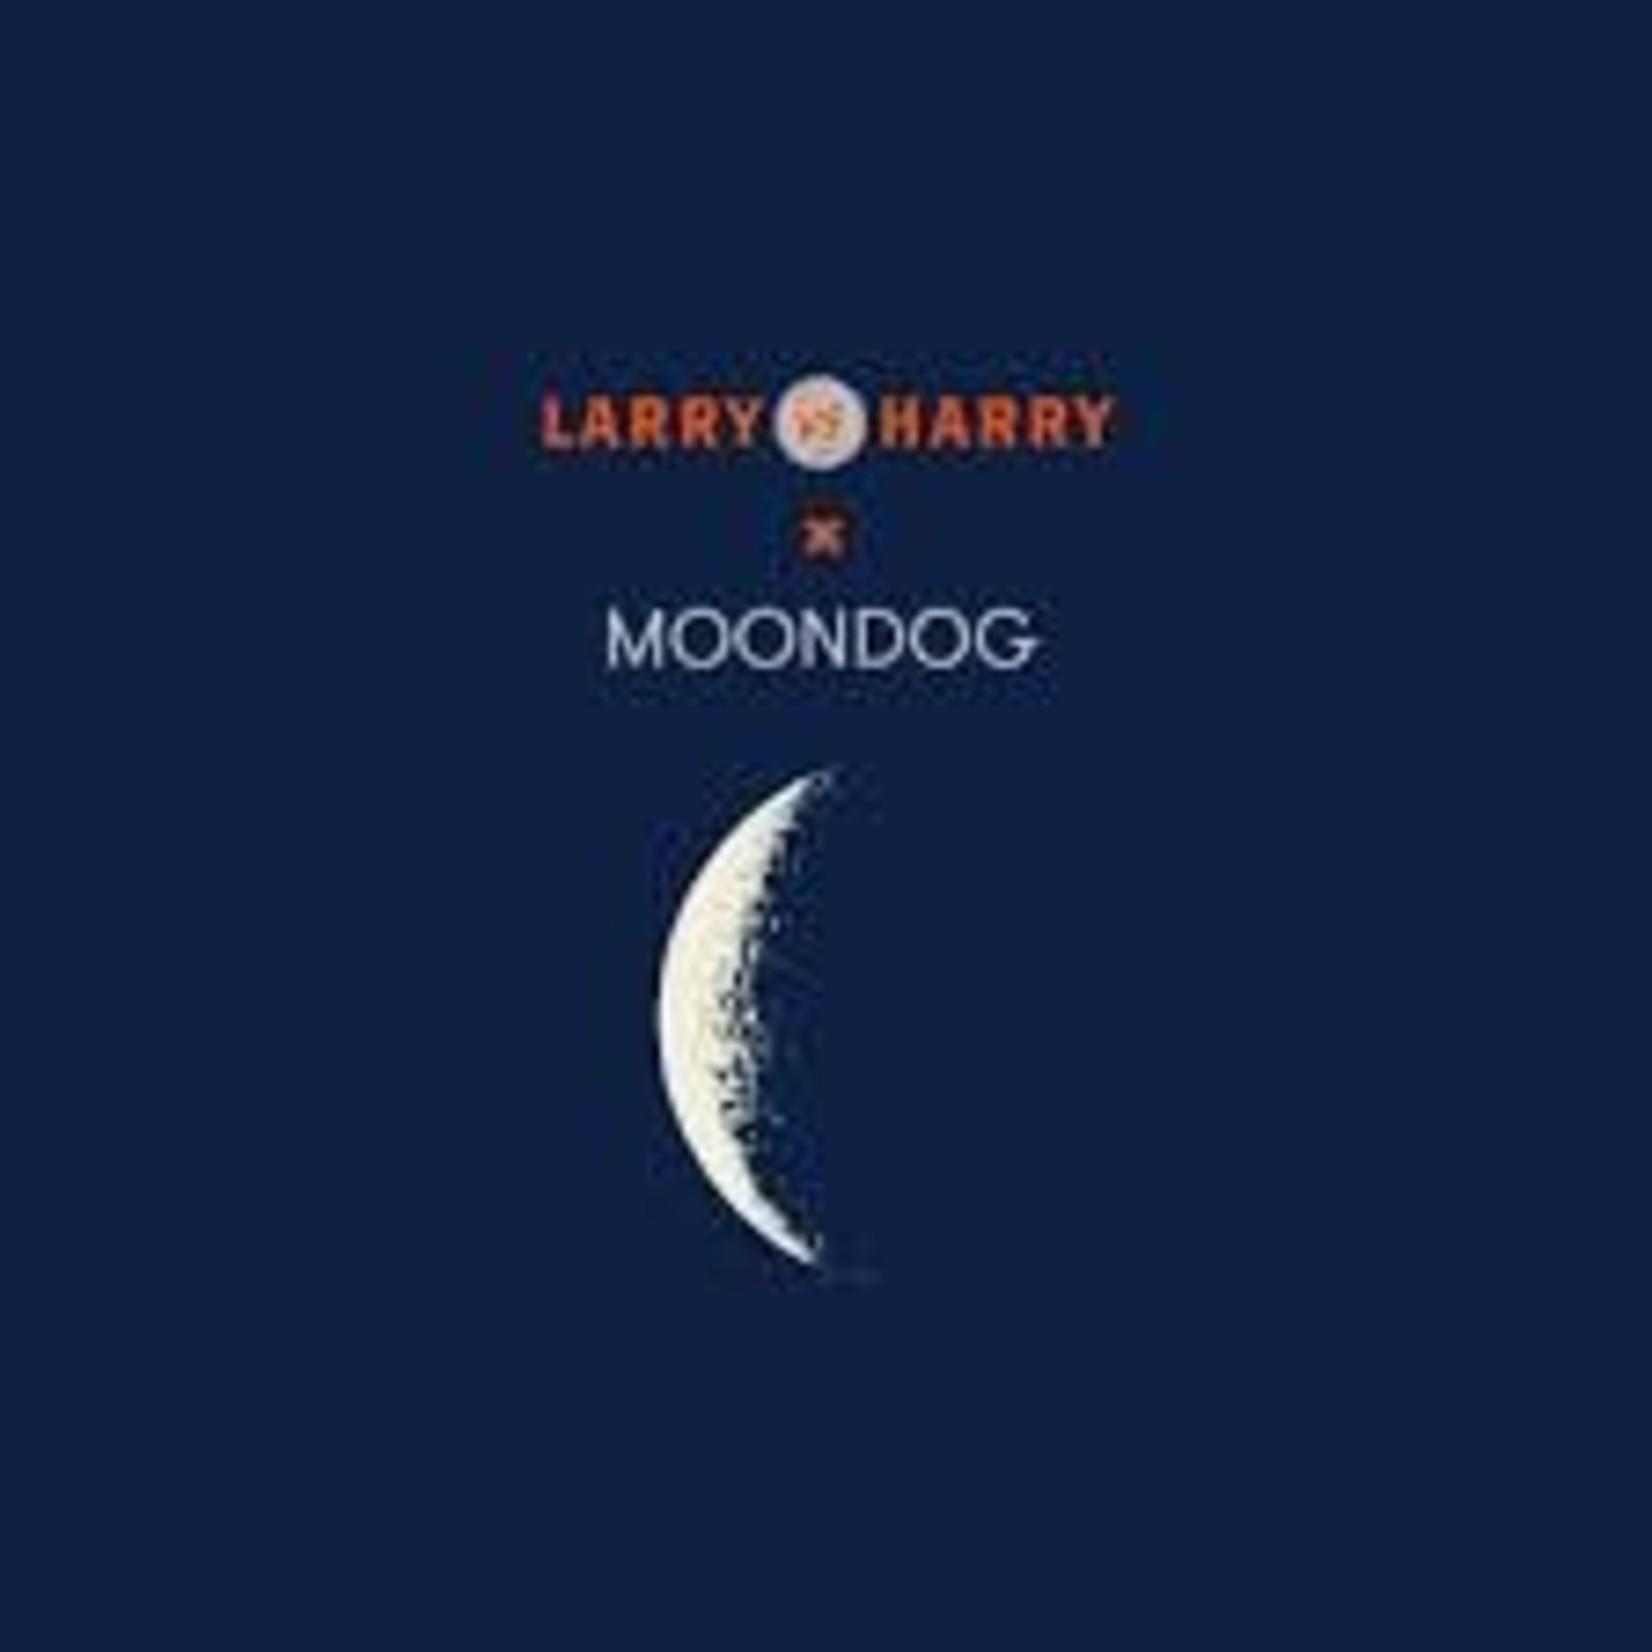 LarryvsHarry LarryvsHarry eBullitt E6100 Nexus 5 Di2